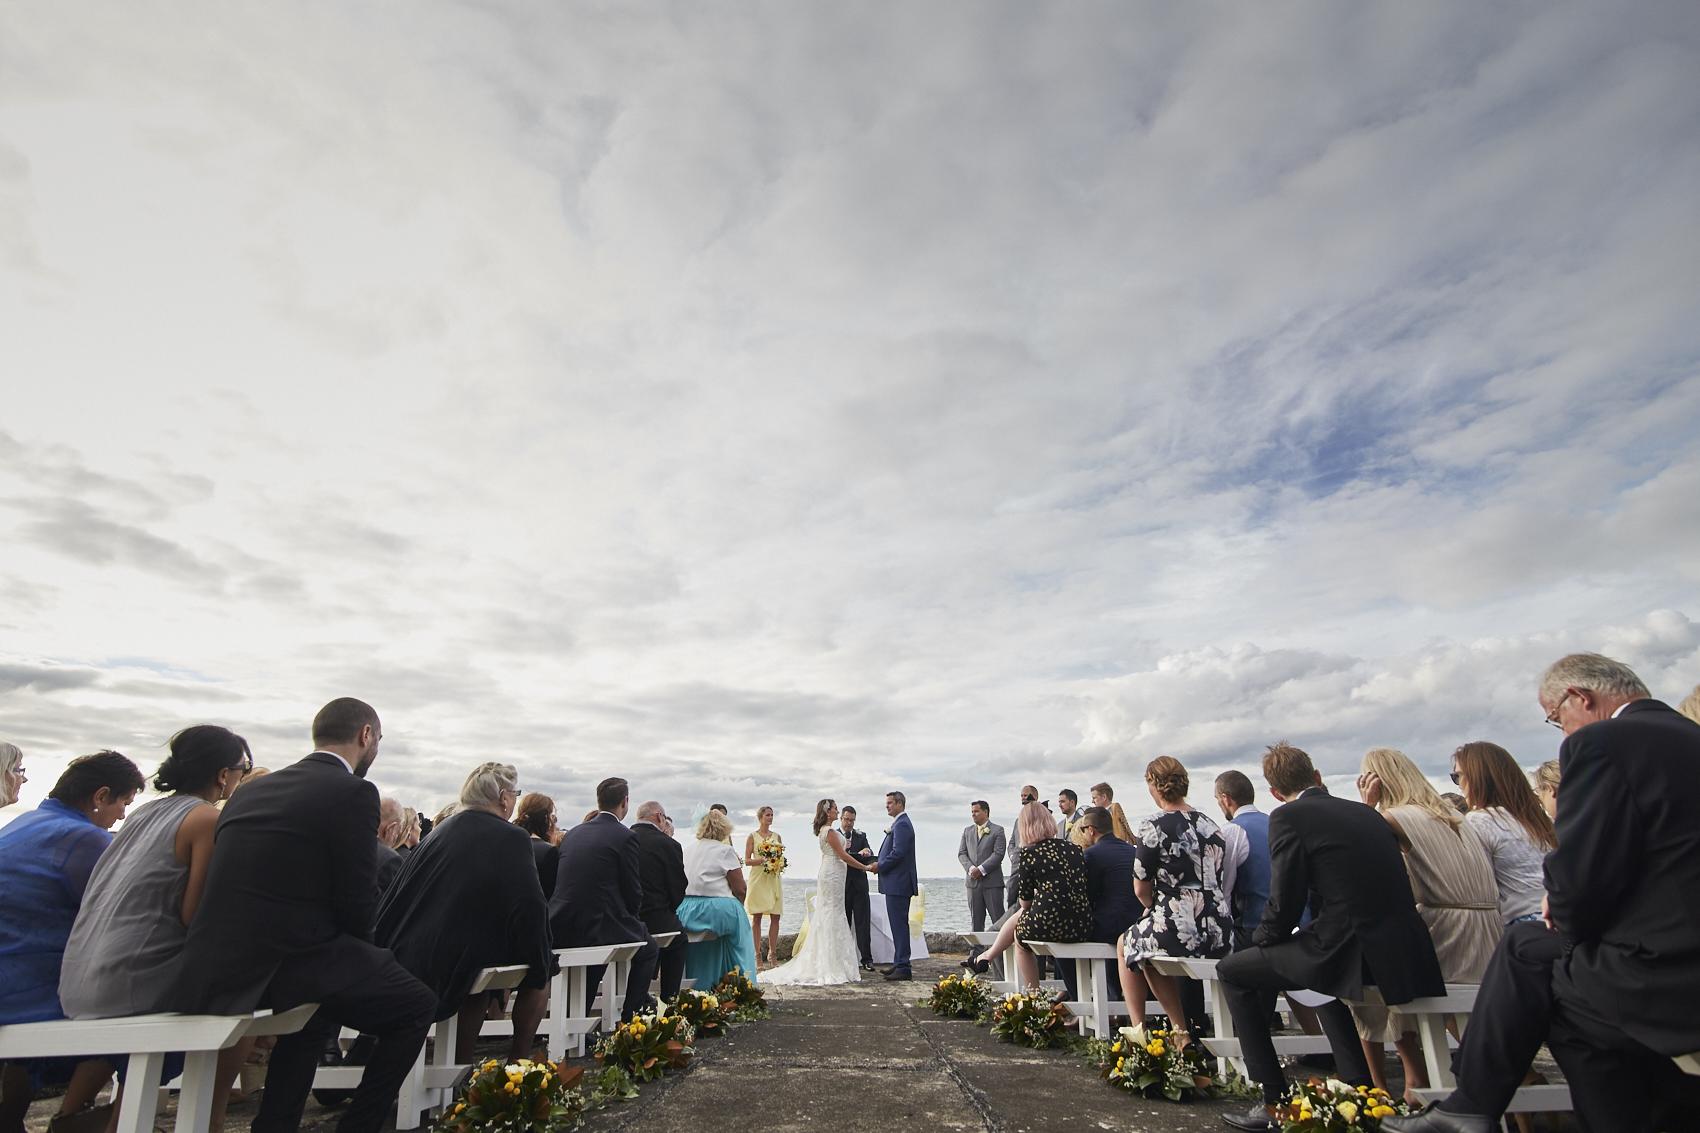 Great wedding weather